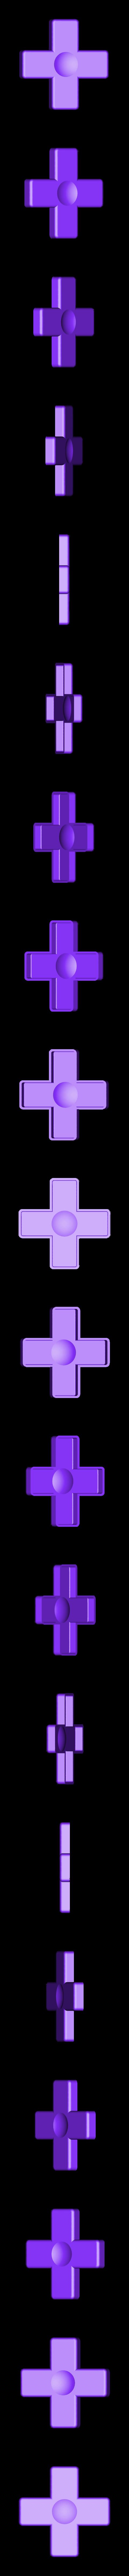 Cross.stl Télécharger fichier STL gratuit Bouton Gameboy Aimant • Design pour imprimante 3D, Fayeya